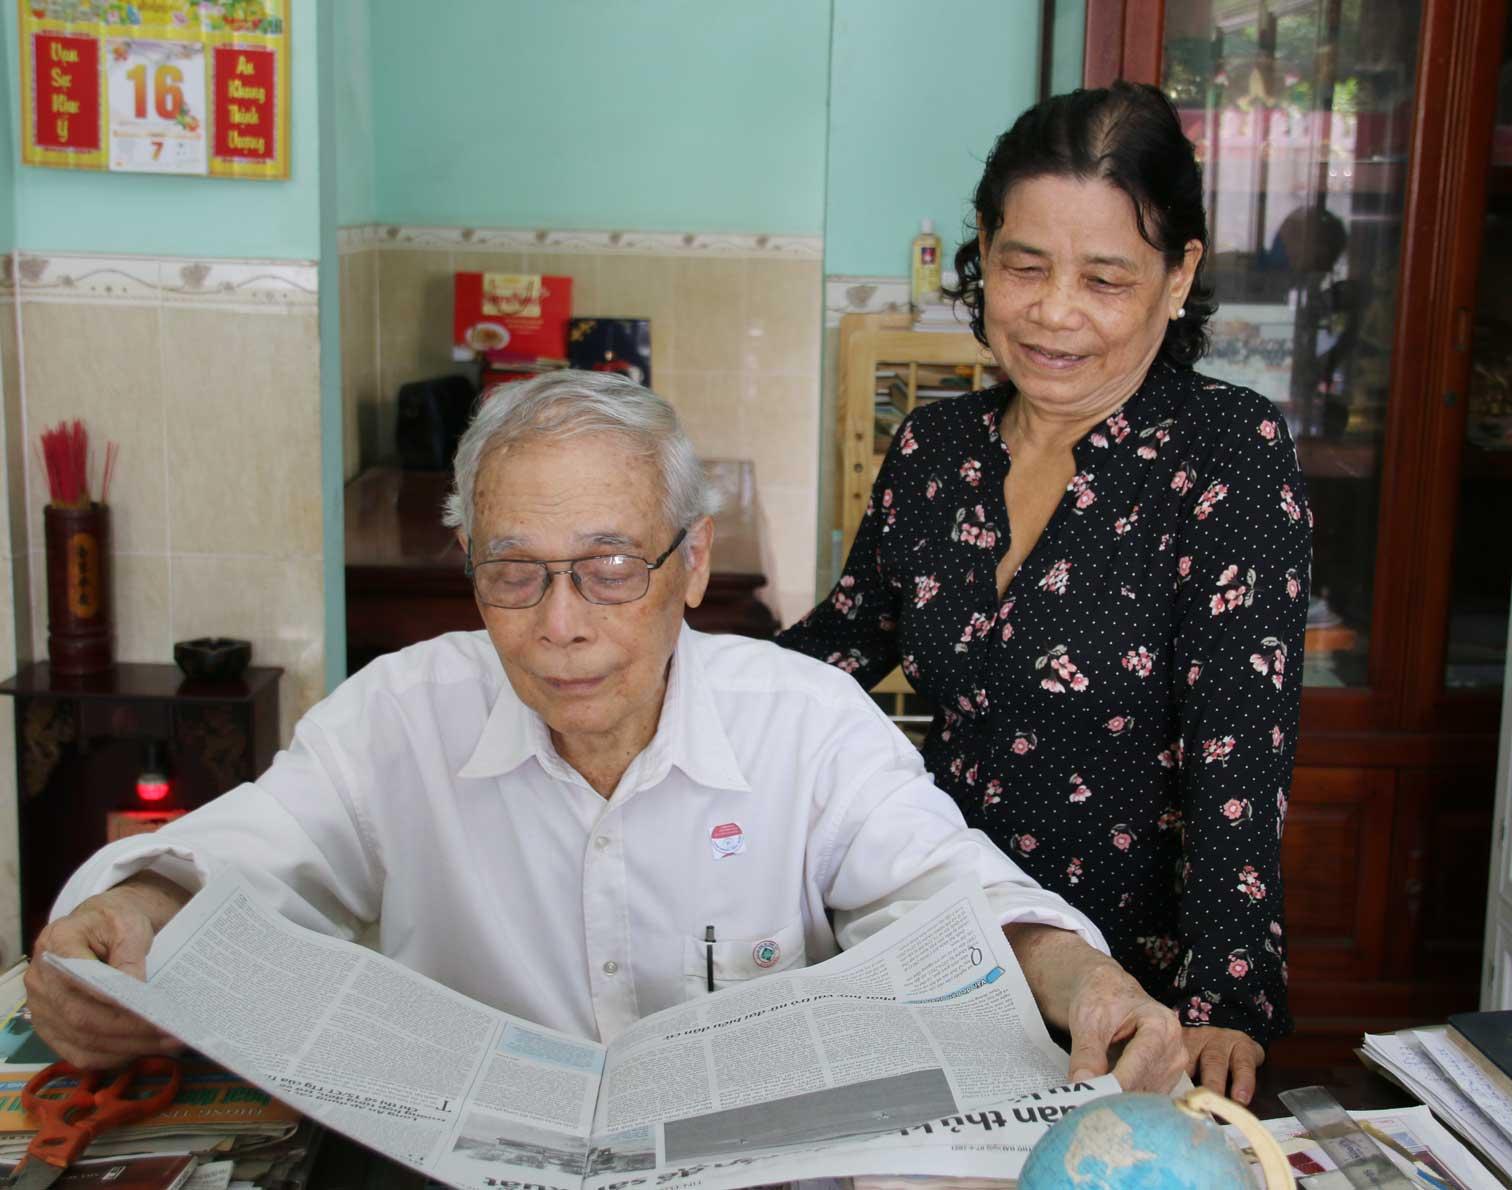 Nhà báo cách mạng Lê Vân: Làm báo từ cái tâm, tầm và tài (Kỳ I)